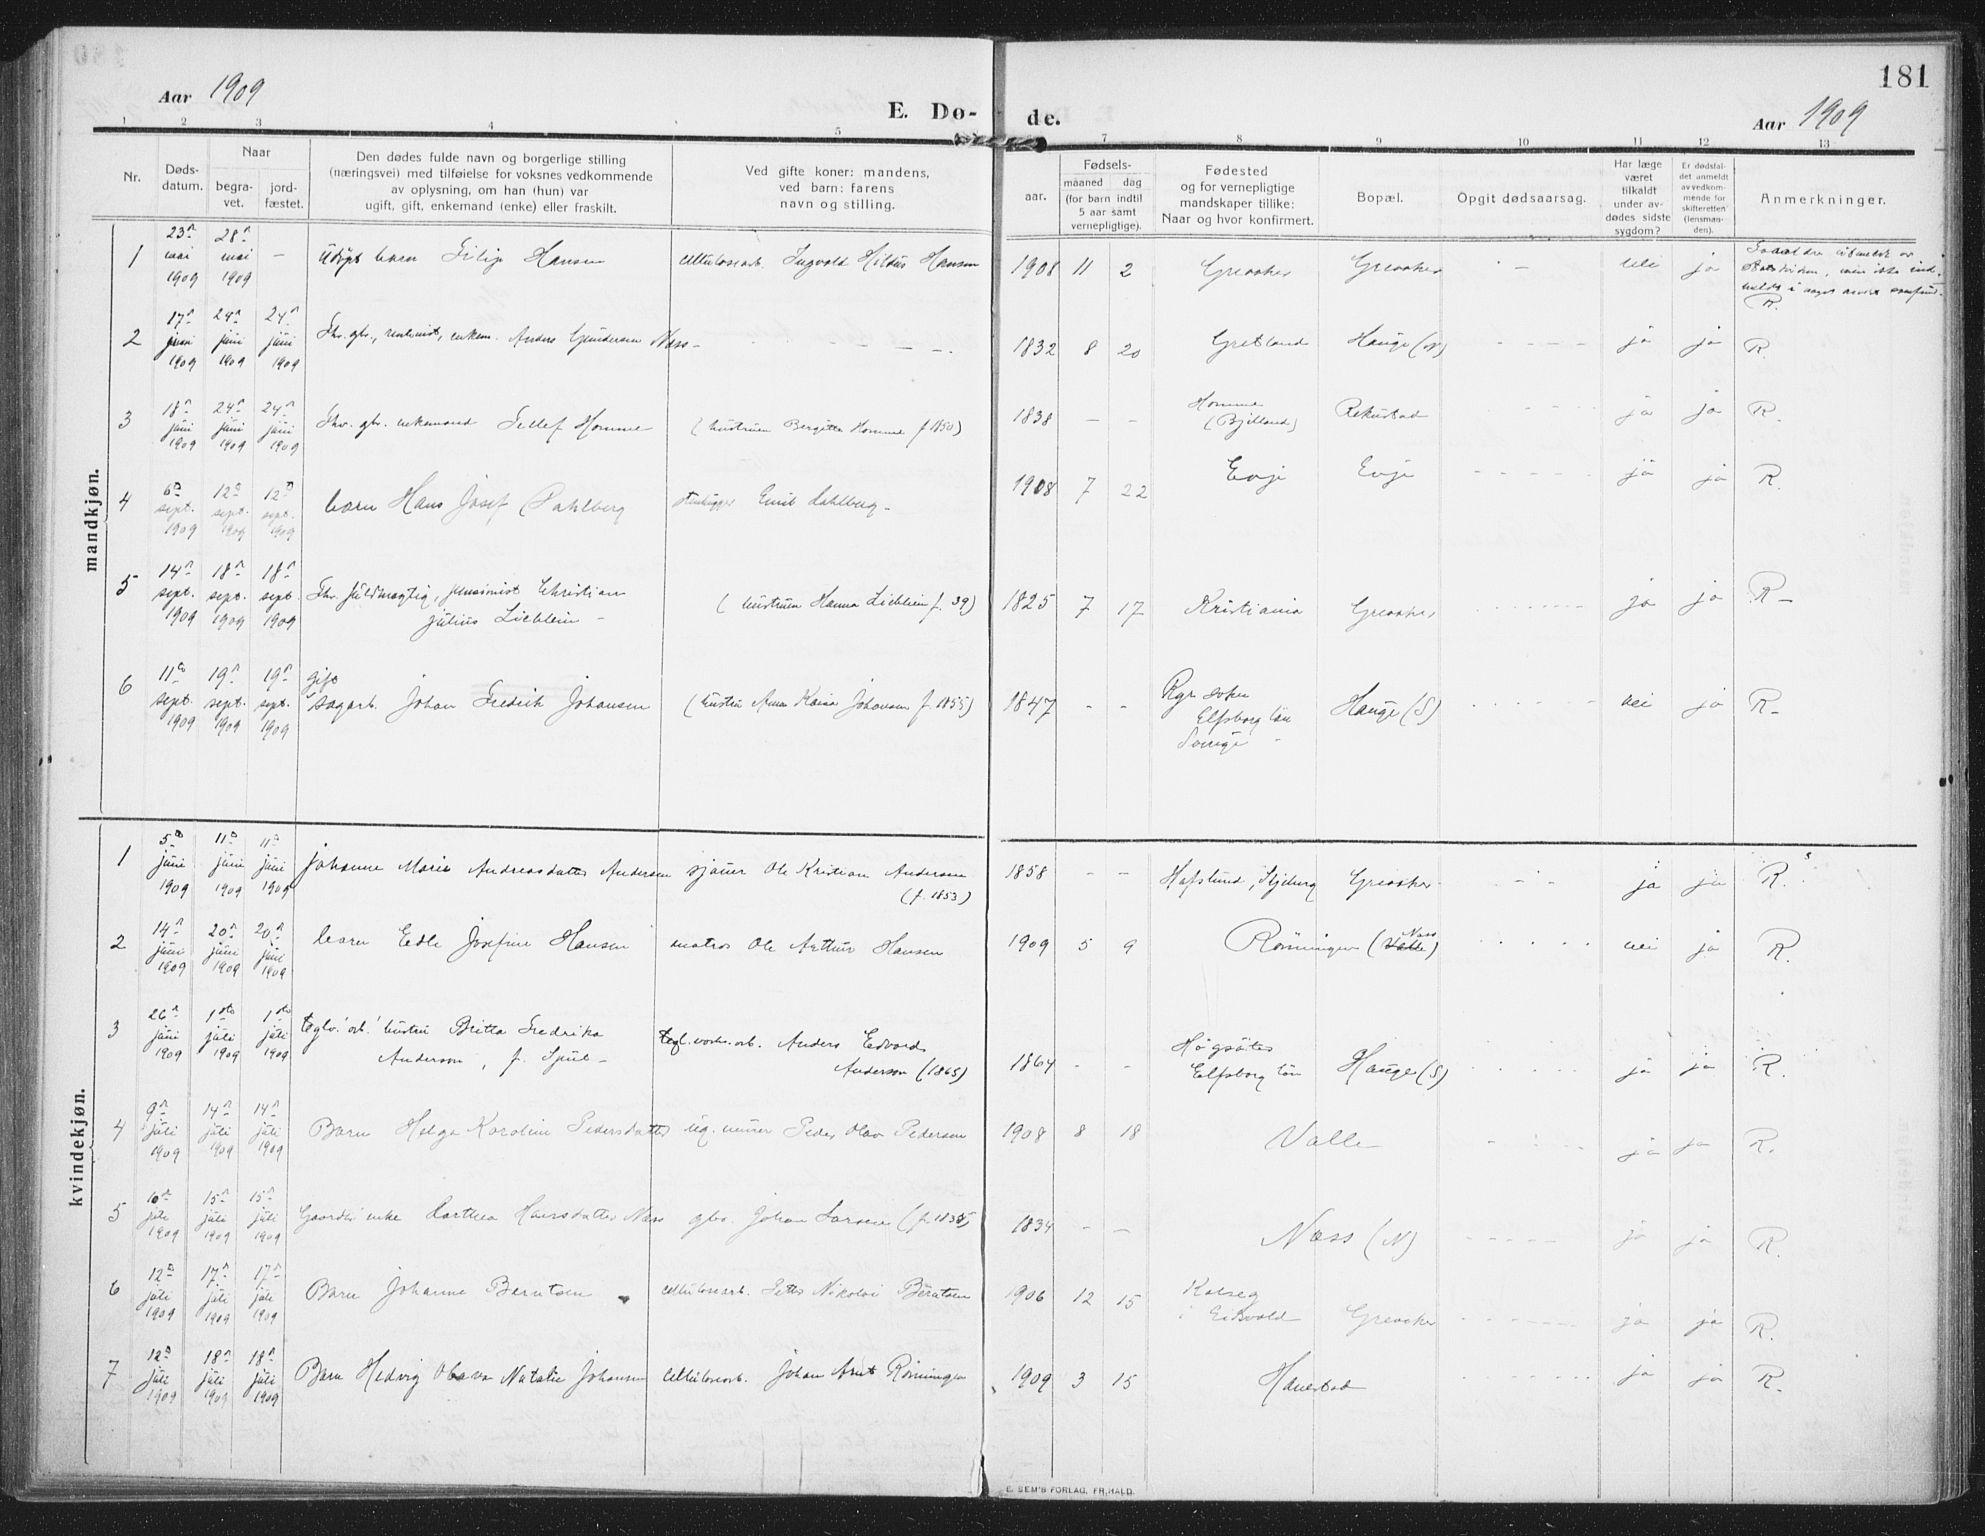 SAO, Rolvsøy prestekontor Kirkebøker, F/Fa/L0002: Ministerialbok nr. 2, 1909-1917, s. 181